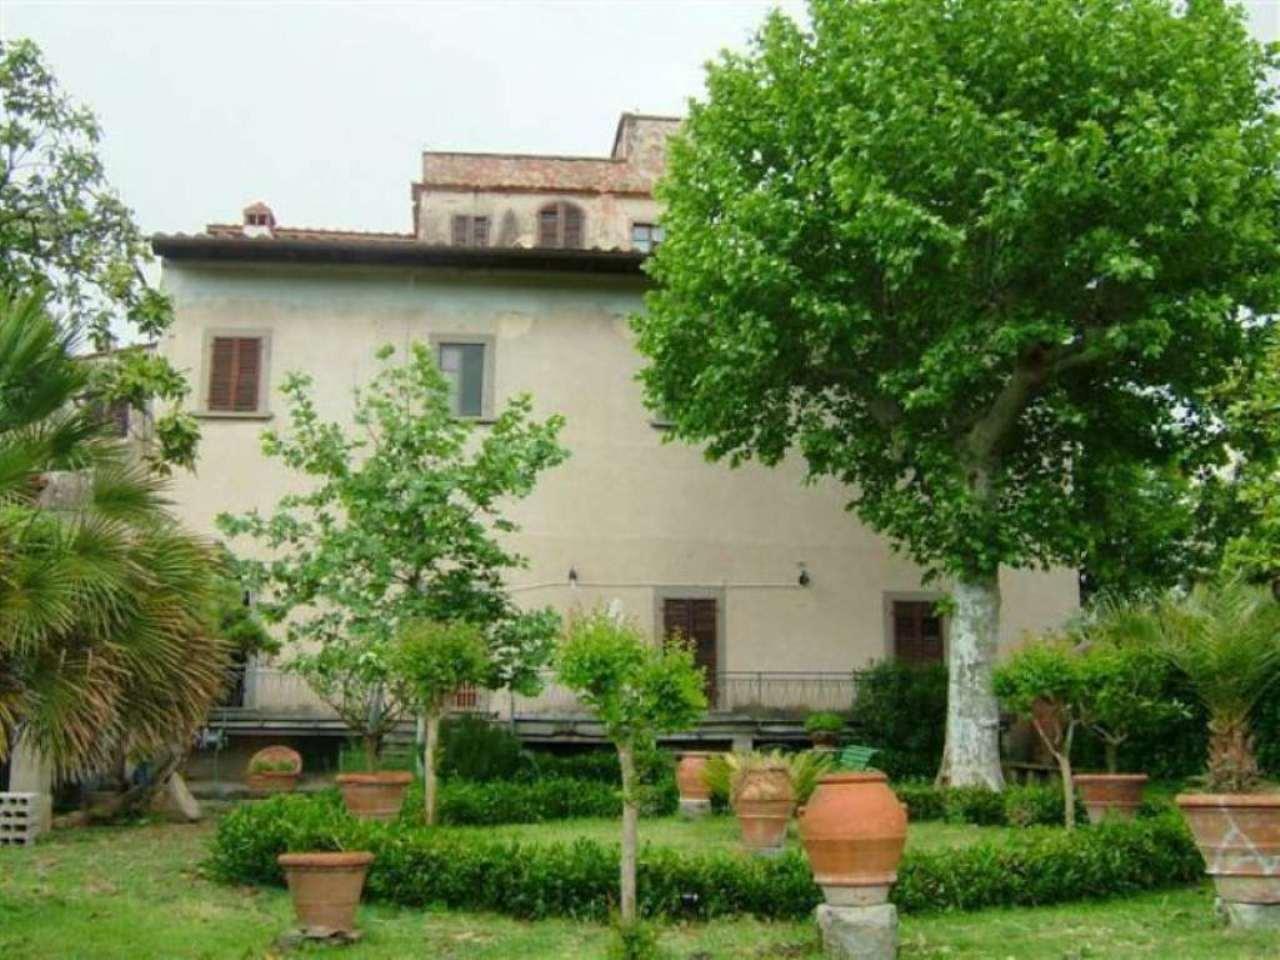 Villa in vendita a Poggio a Caiano, 10 locali, prezzo € 600.000   CambioCasa.it